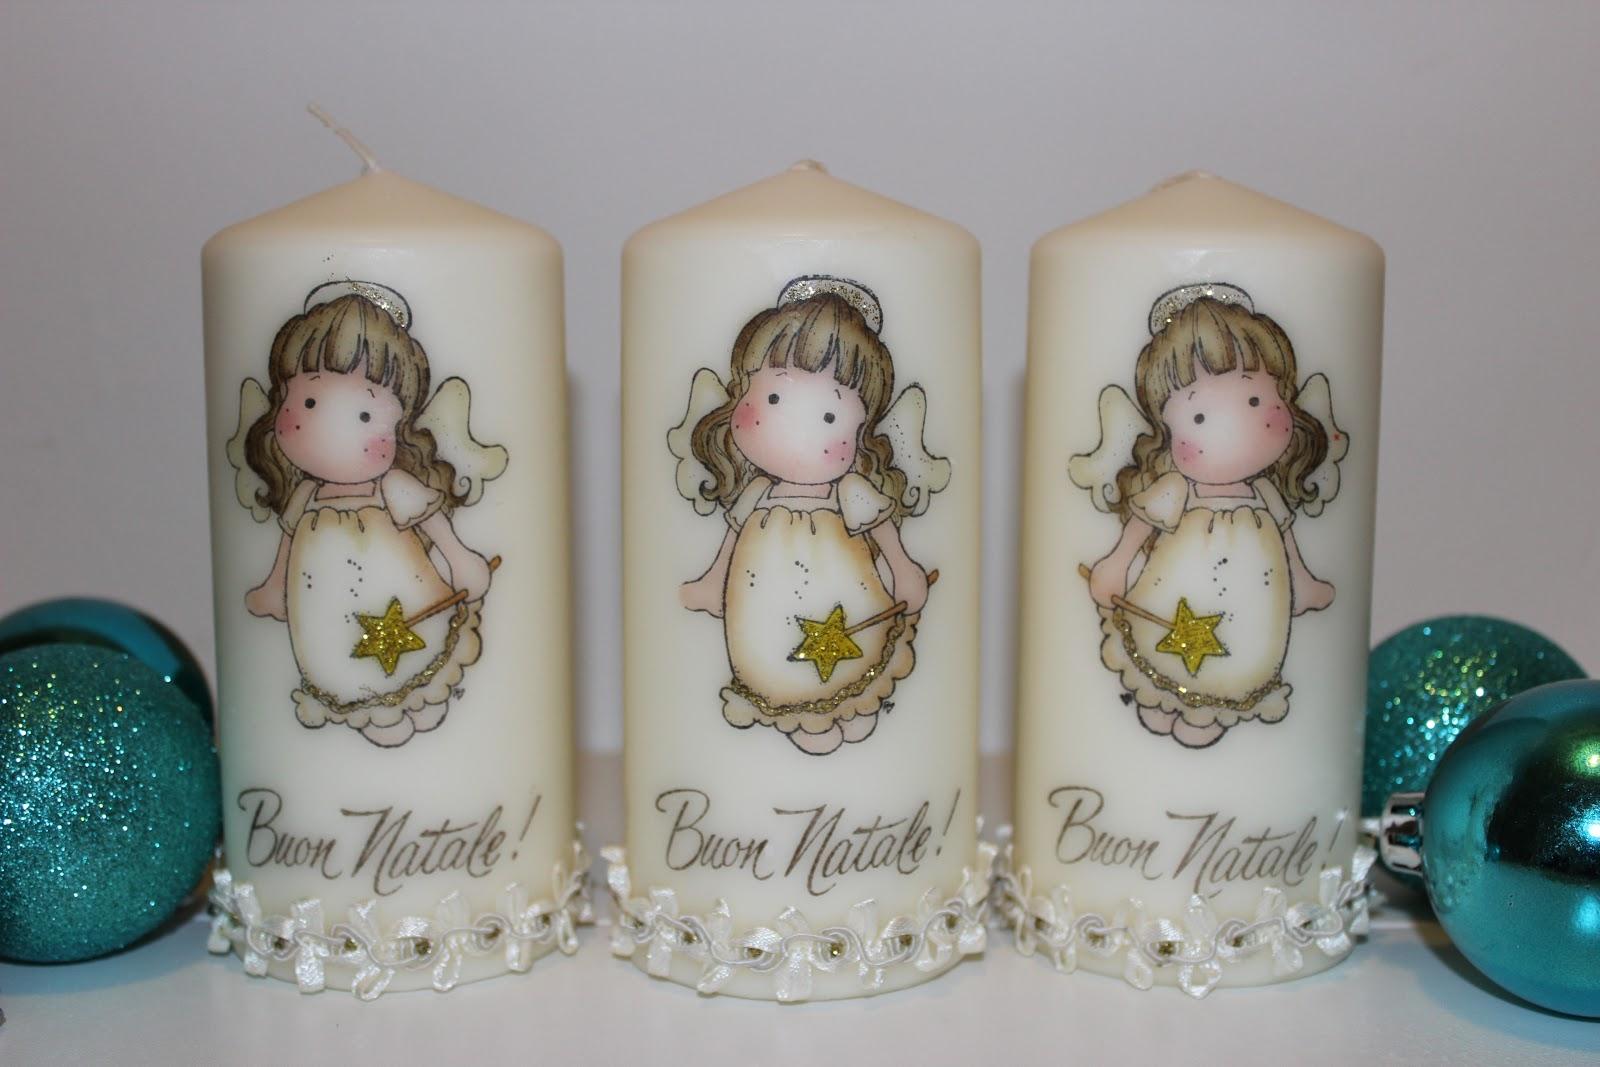 Eccezionale Le creazioni di Maichi: Candele decorate OU21